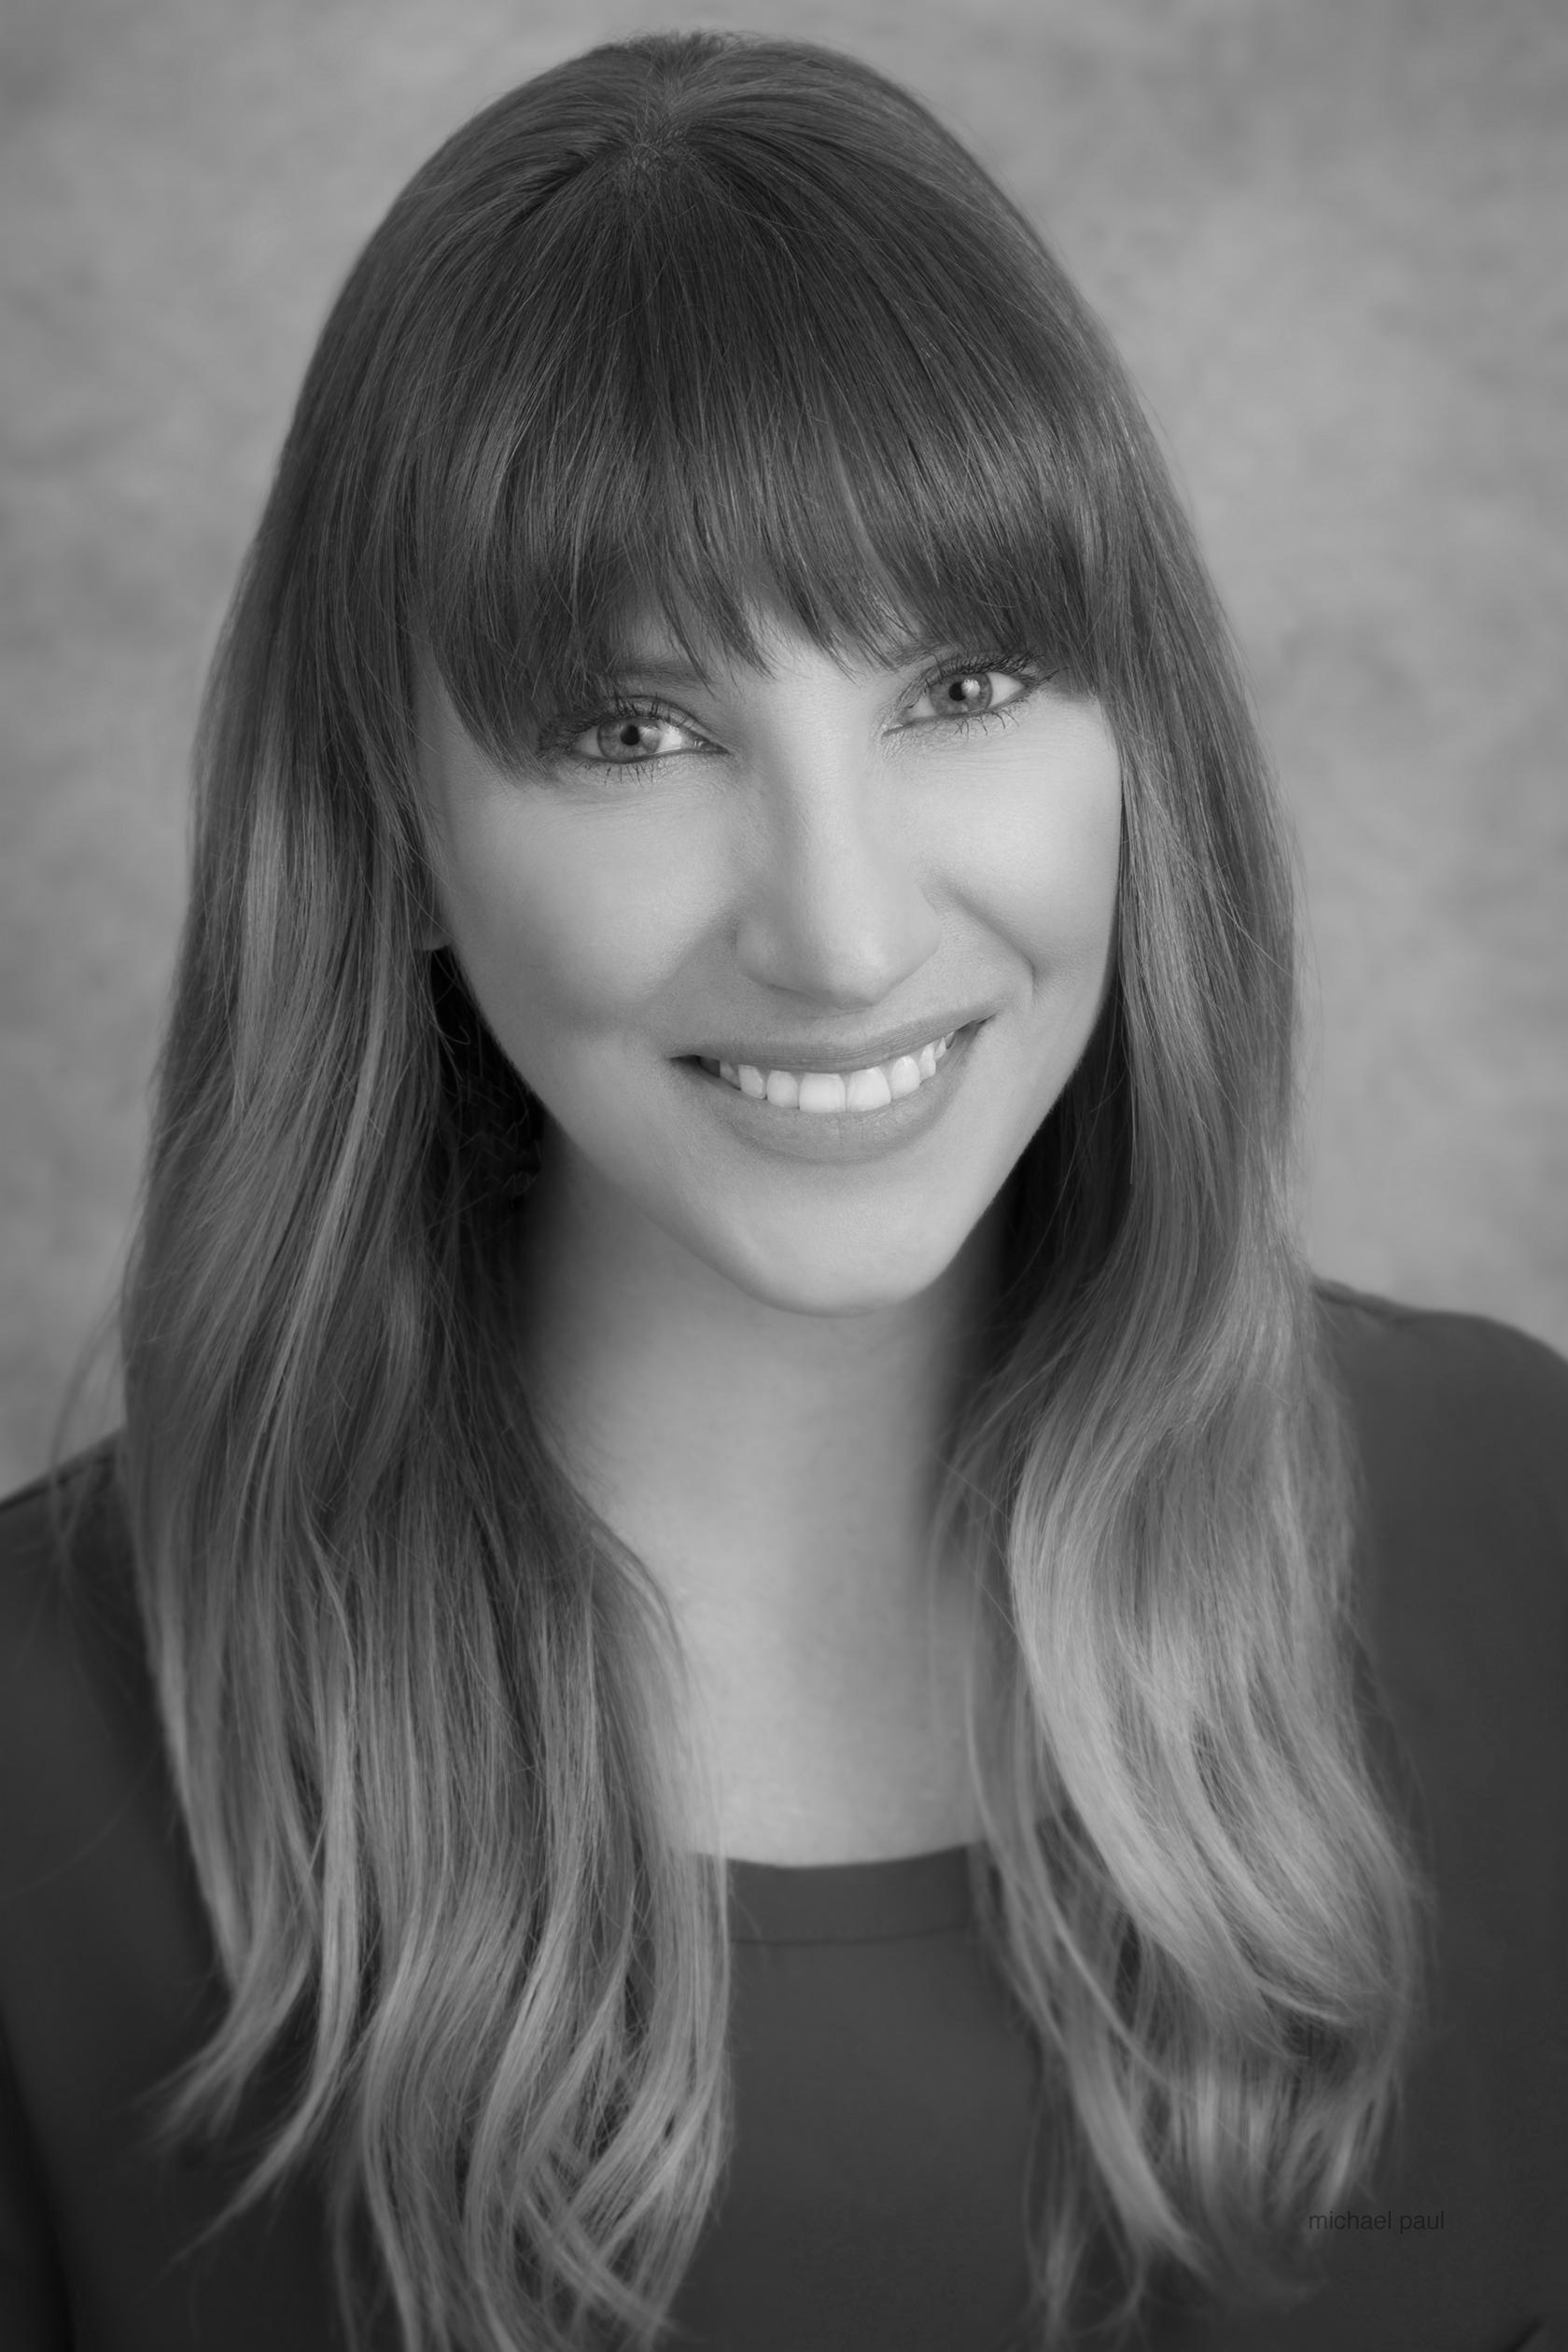 Tiffany Fox - Vice President, Marketing